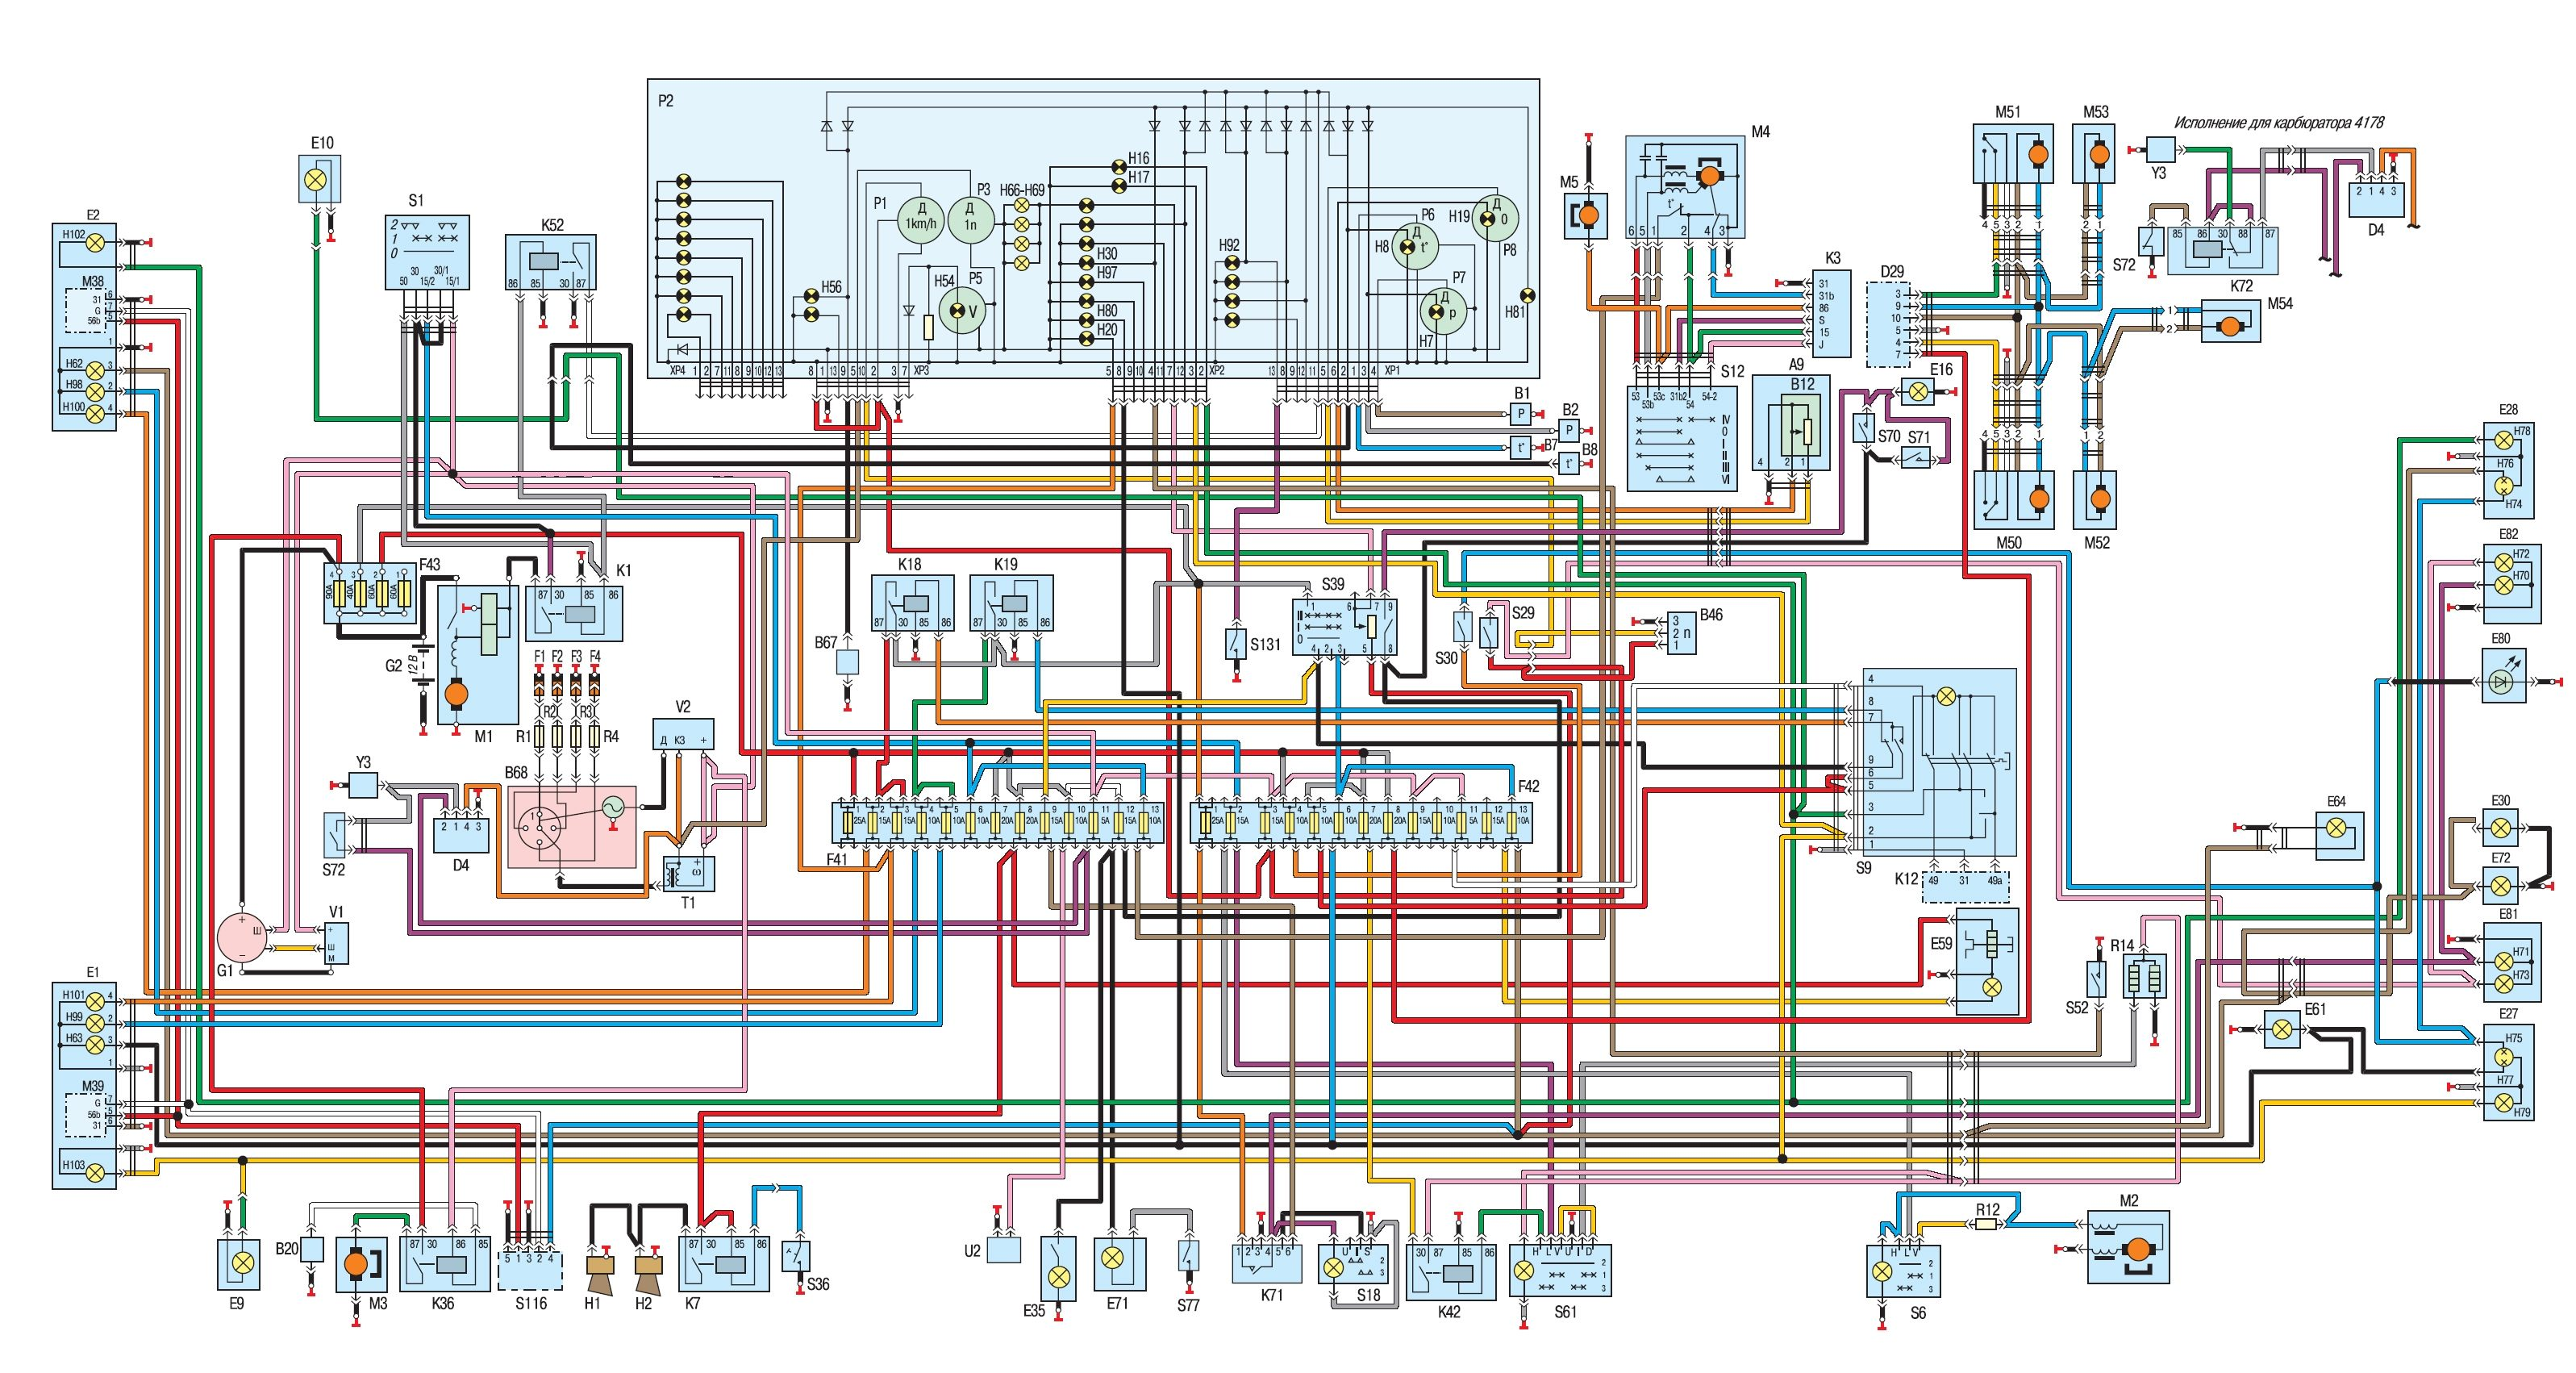 """Схема электрическая принципиальная автомобиля  """"Волга """" ГАЗ-31105 с двигателем ЗМЗ-402."""